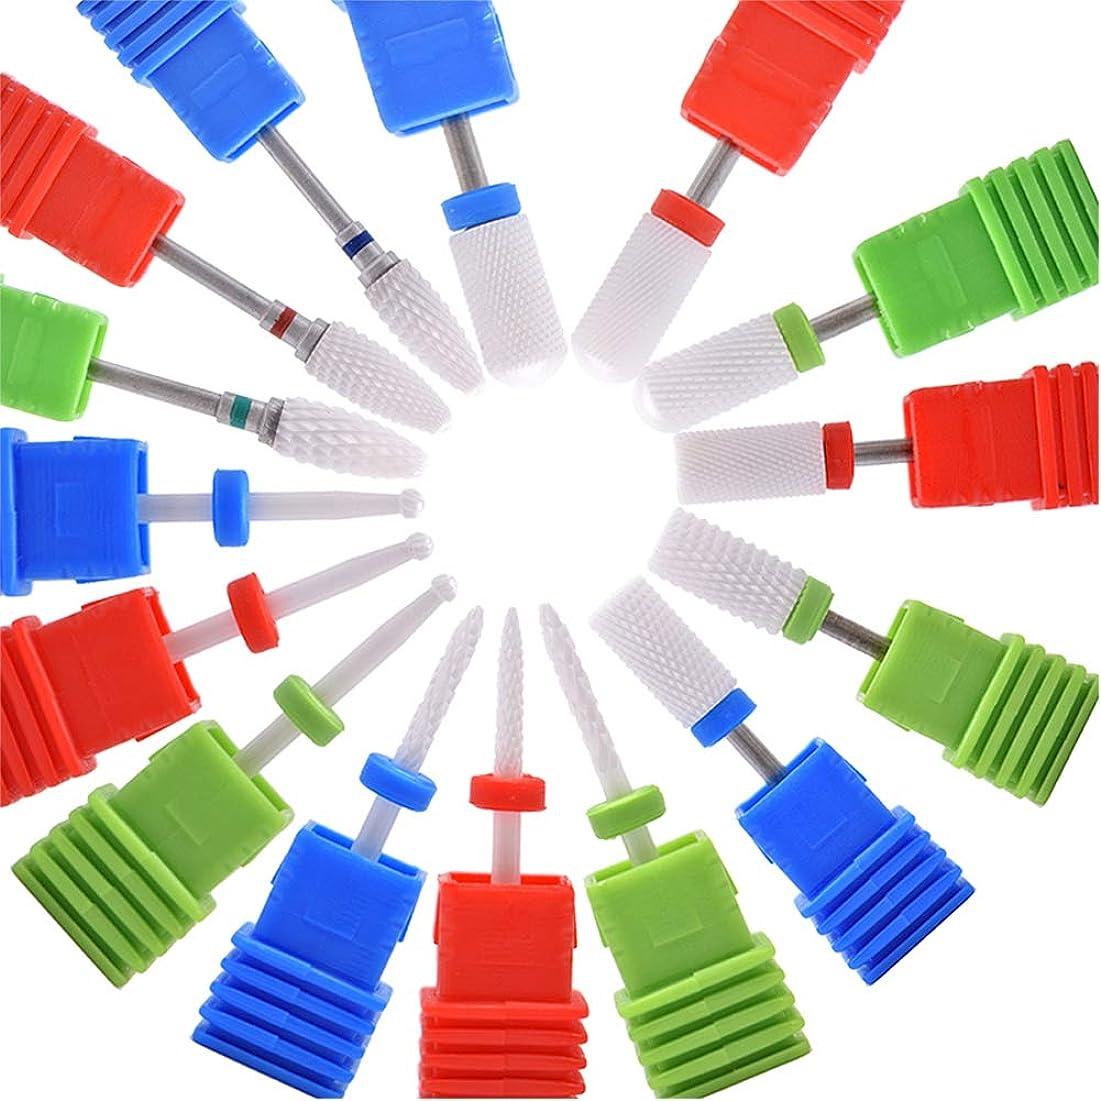 トロリー無礼に放つOral Dentistry ネイルアート ドリルビット 研削ヘッド 研磨ヘッド ネイル グラインド ヘッド 爪 磨き 研磨 研削 セラミック 全3色 15種類